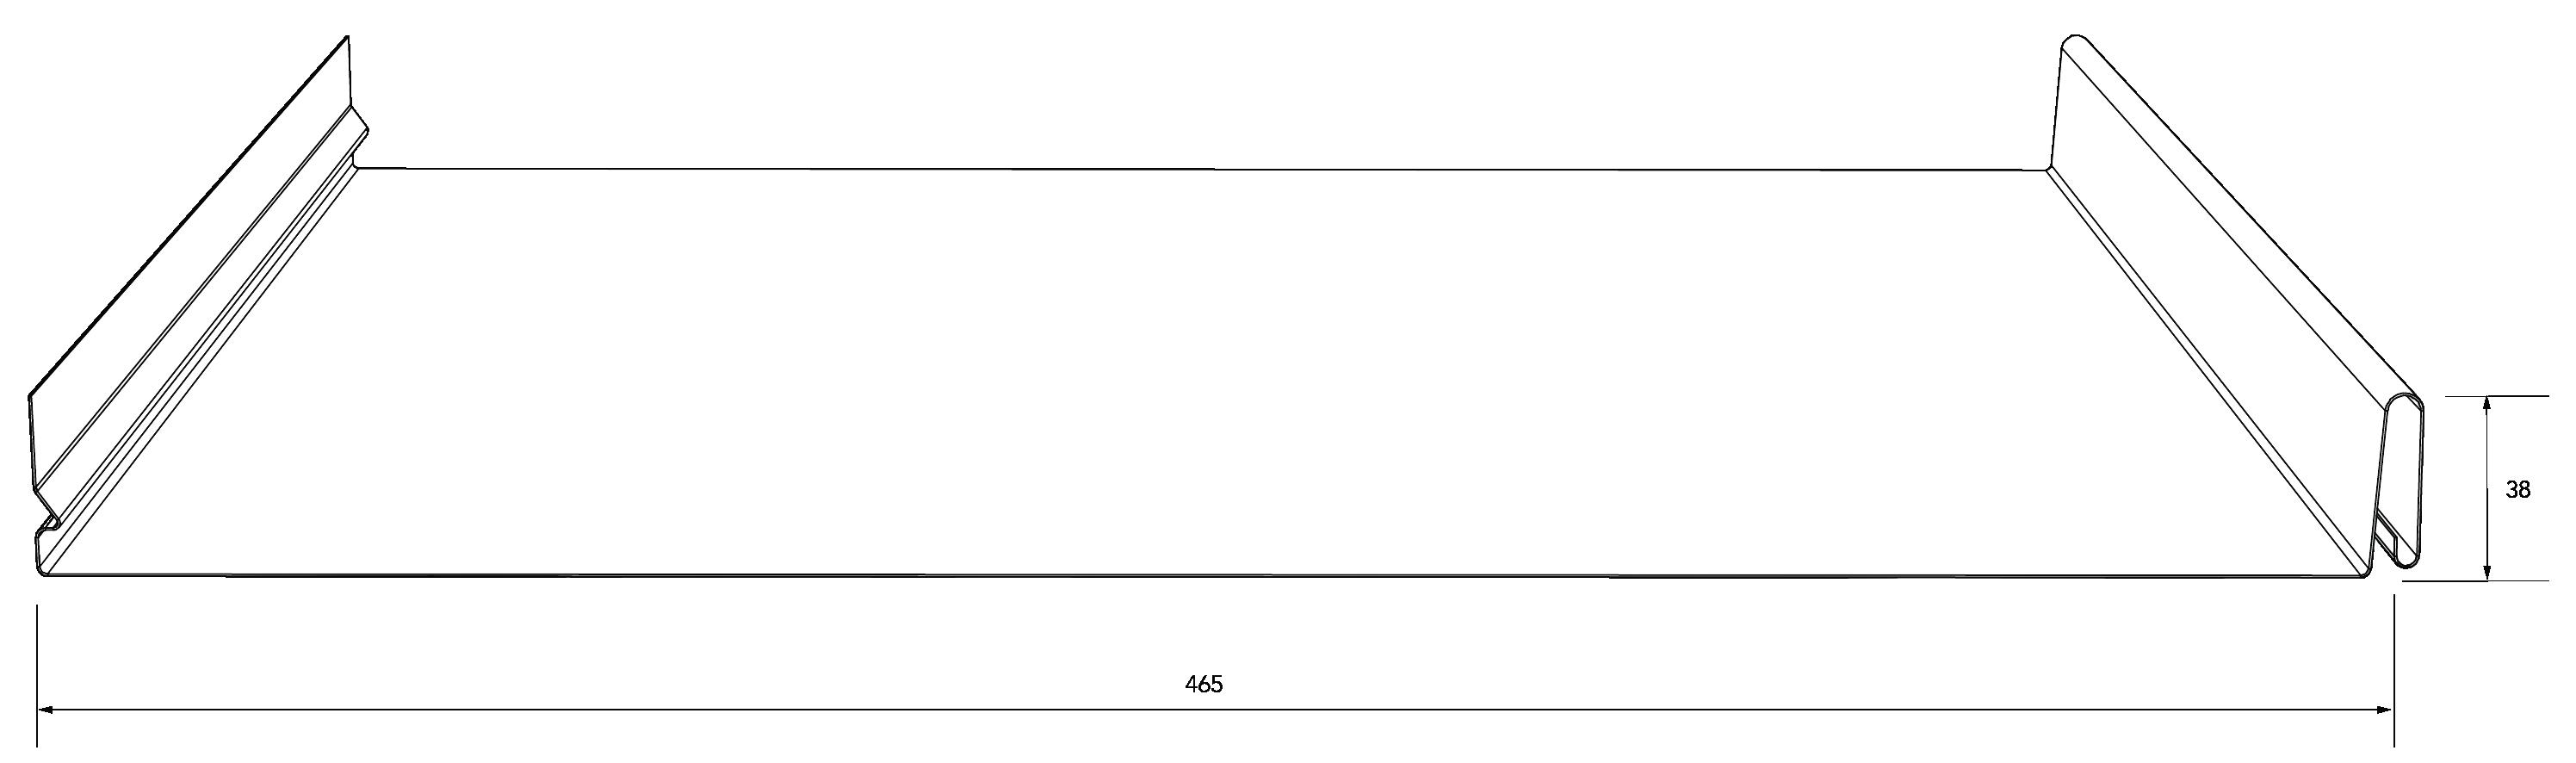 CADENCE™ NON-CYCLONIC Profile